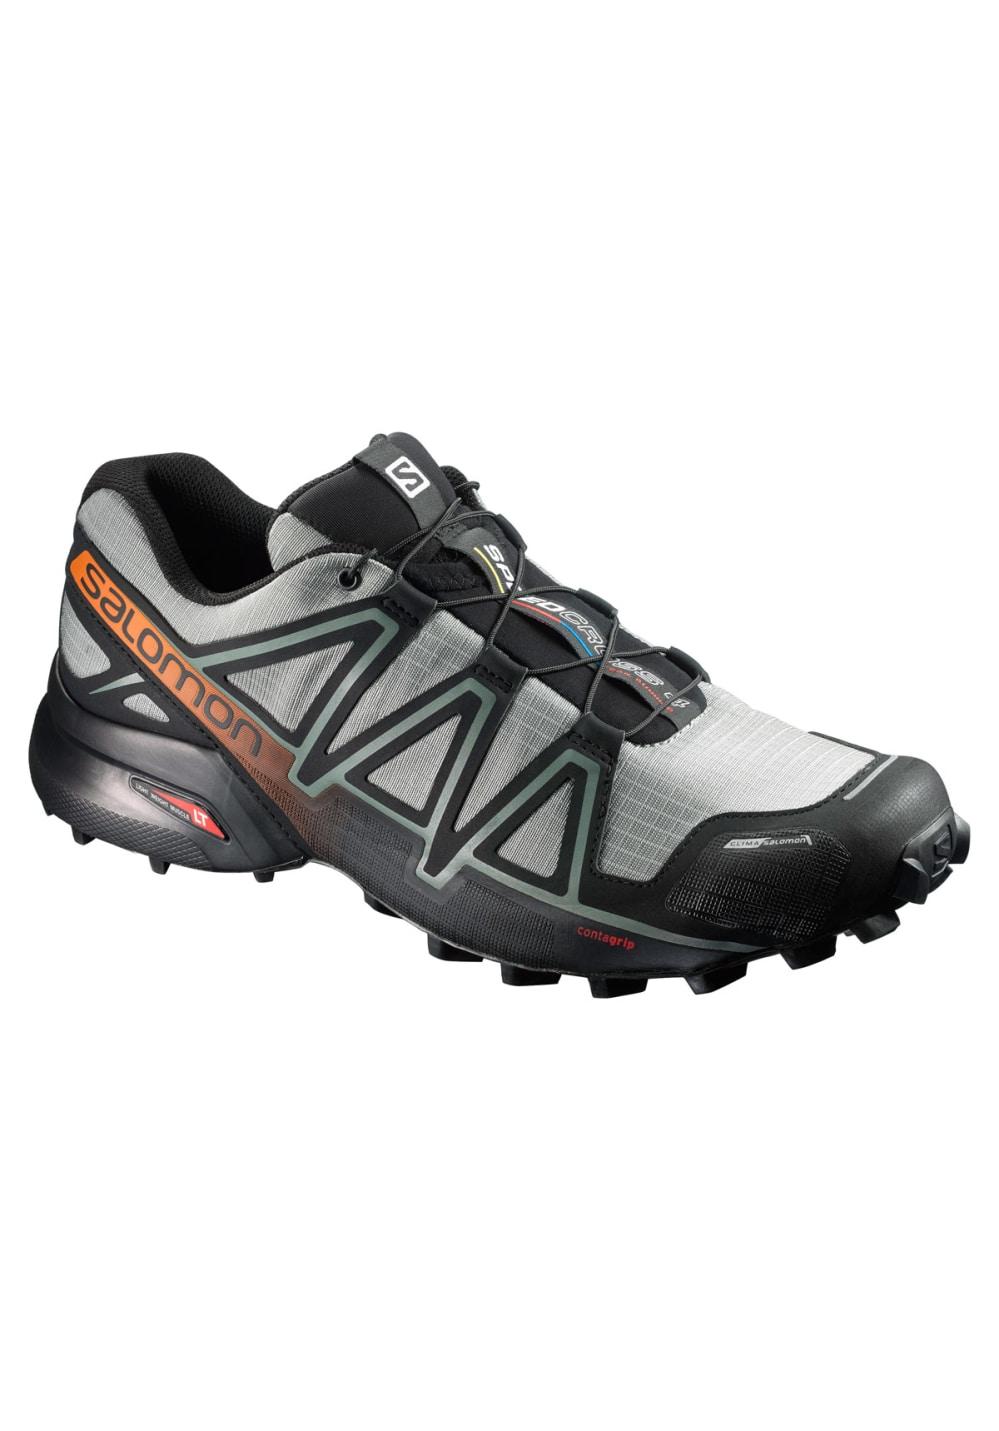 info pour 1b0e0 b55bd Salomon Speedcross 4 CS - Running shoes for Men - Grey